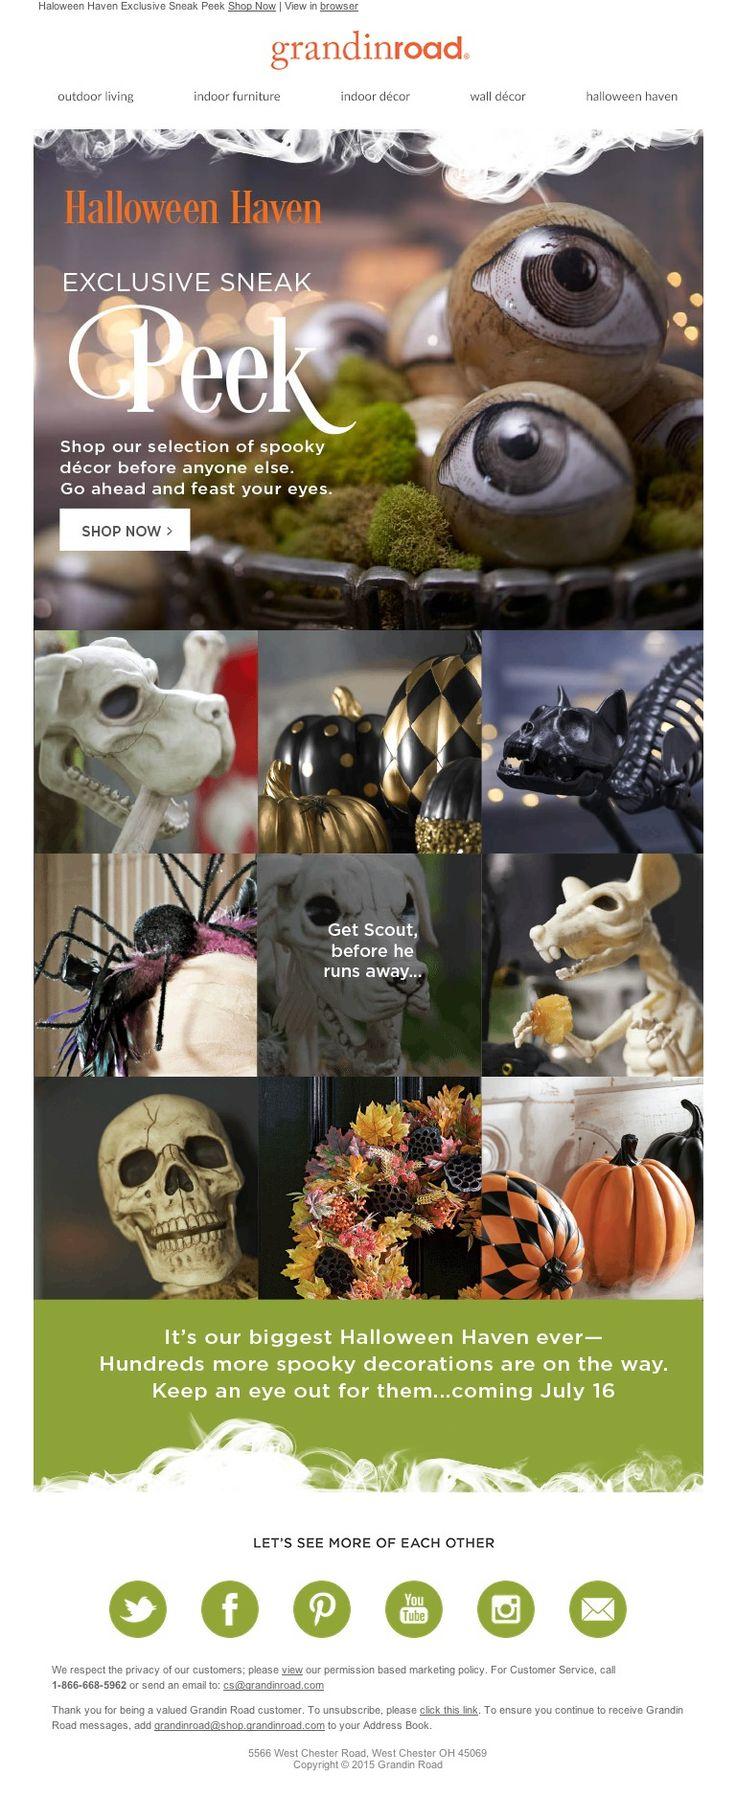 grandin road sl halloween haven 2015 the most thrilling sneak peek ever - Halloween Haven